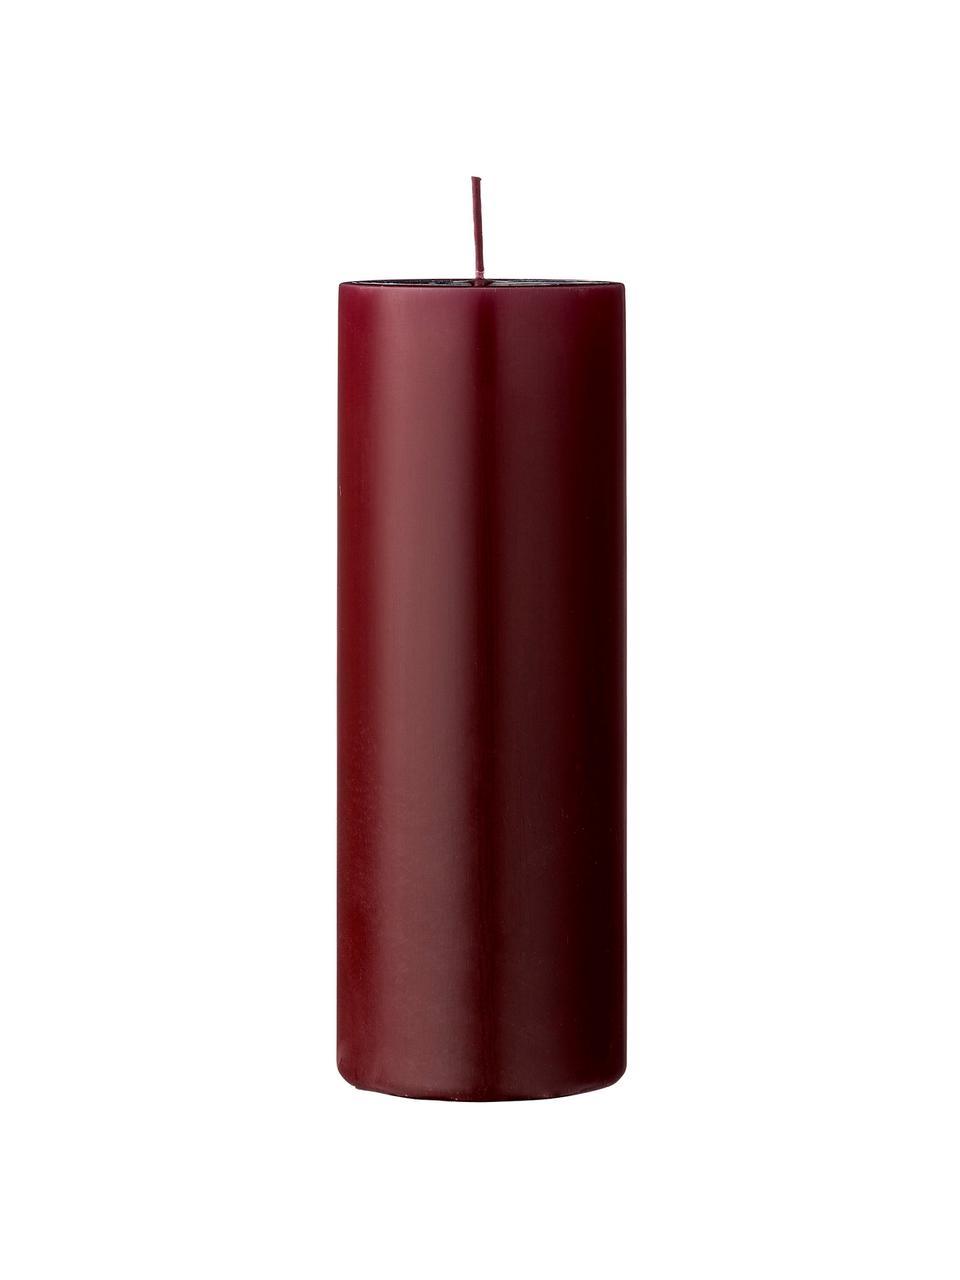 Bougie décorative rouge Lulu, Lie de vin